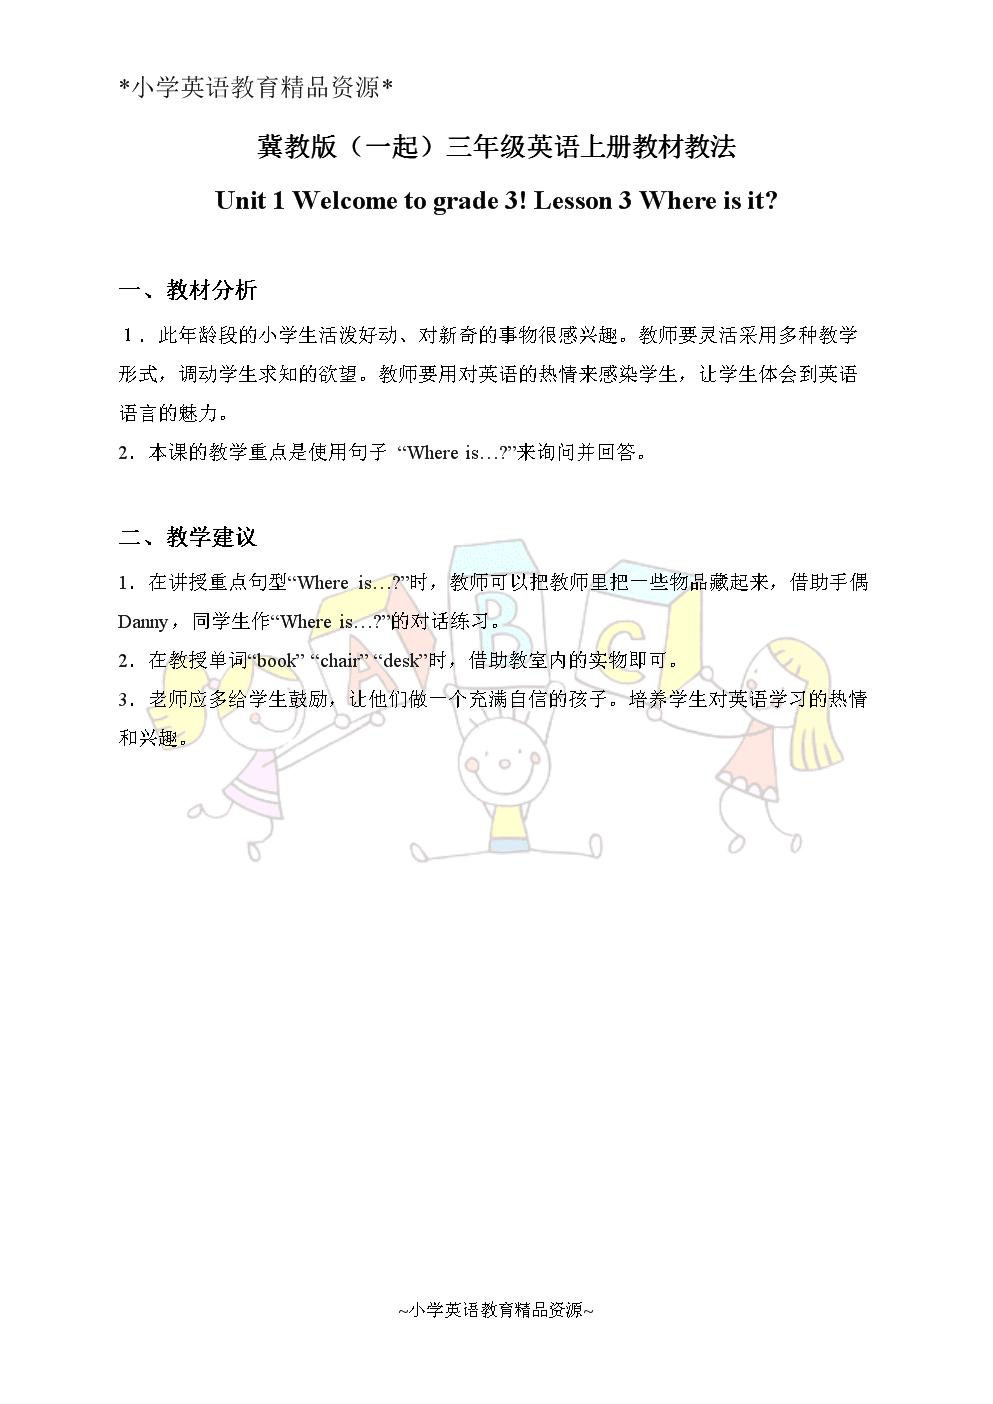 冀教版三年級上冊英語教材教法 Unit 1 Lesson 3(1).doc